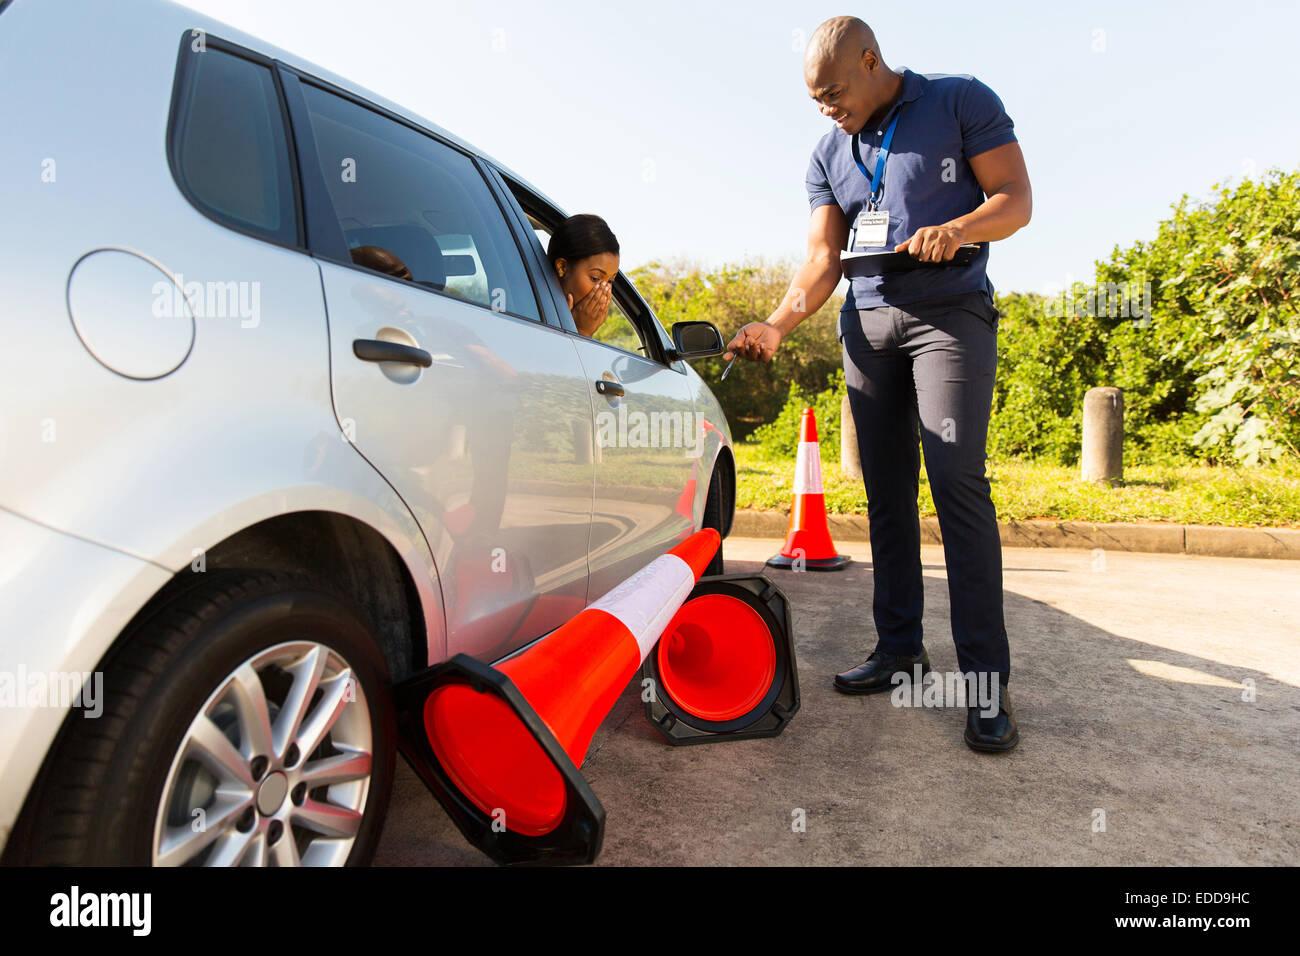 Pilote d'étudiants faire erreur pendant le test de conduite, exécutant plus de cônes de circulation Photo Stock